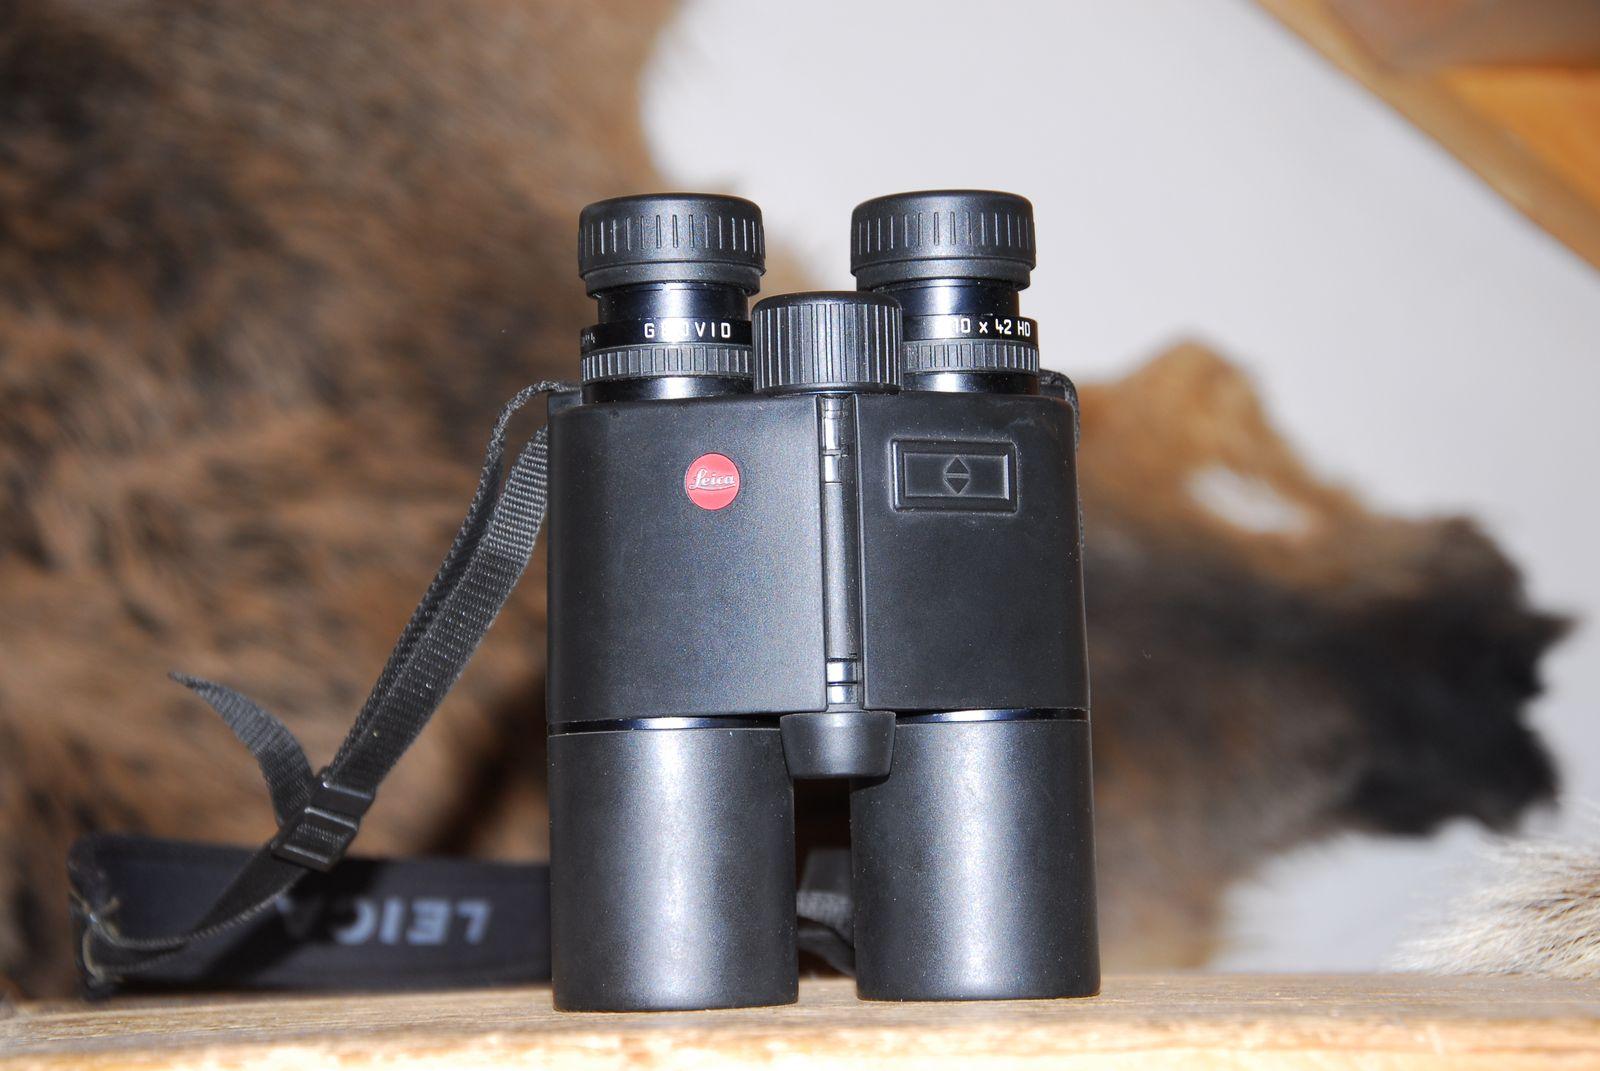 Leica Geovid Entfernungsmesser : Leica geovid hd